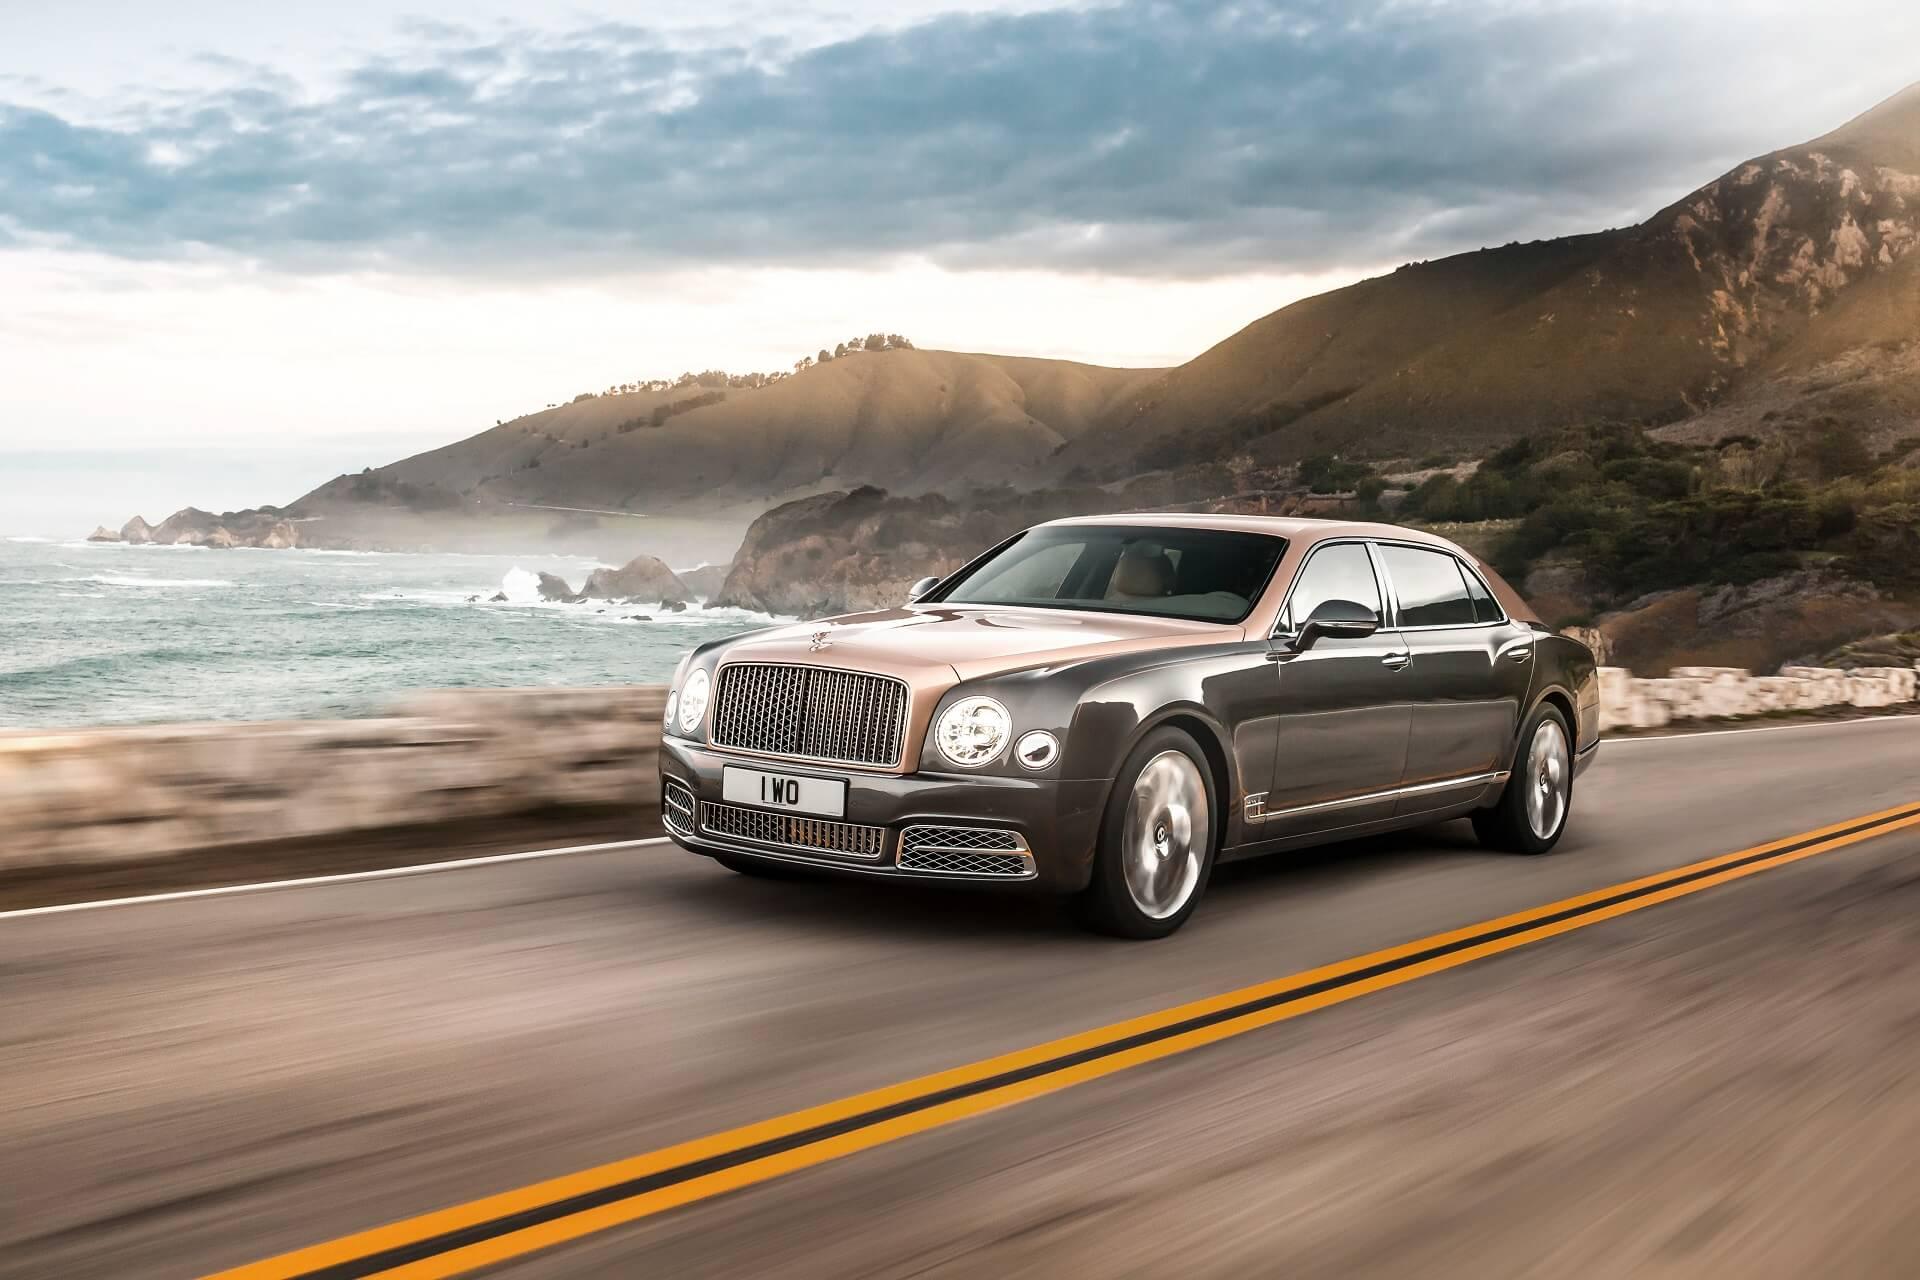 Ωραία λήψη της Bentley Mulsanne που κινείται σε όμορφο τοπίο